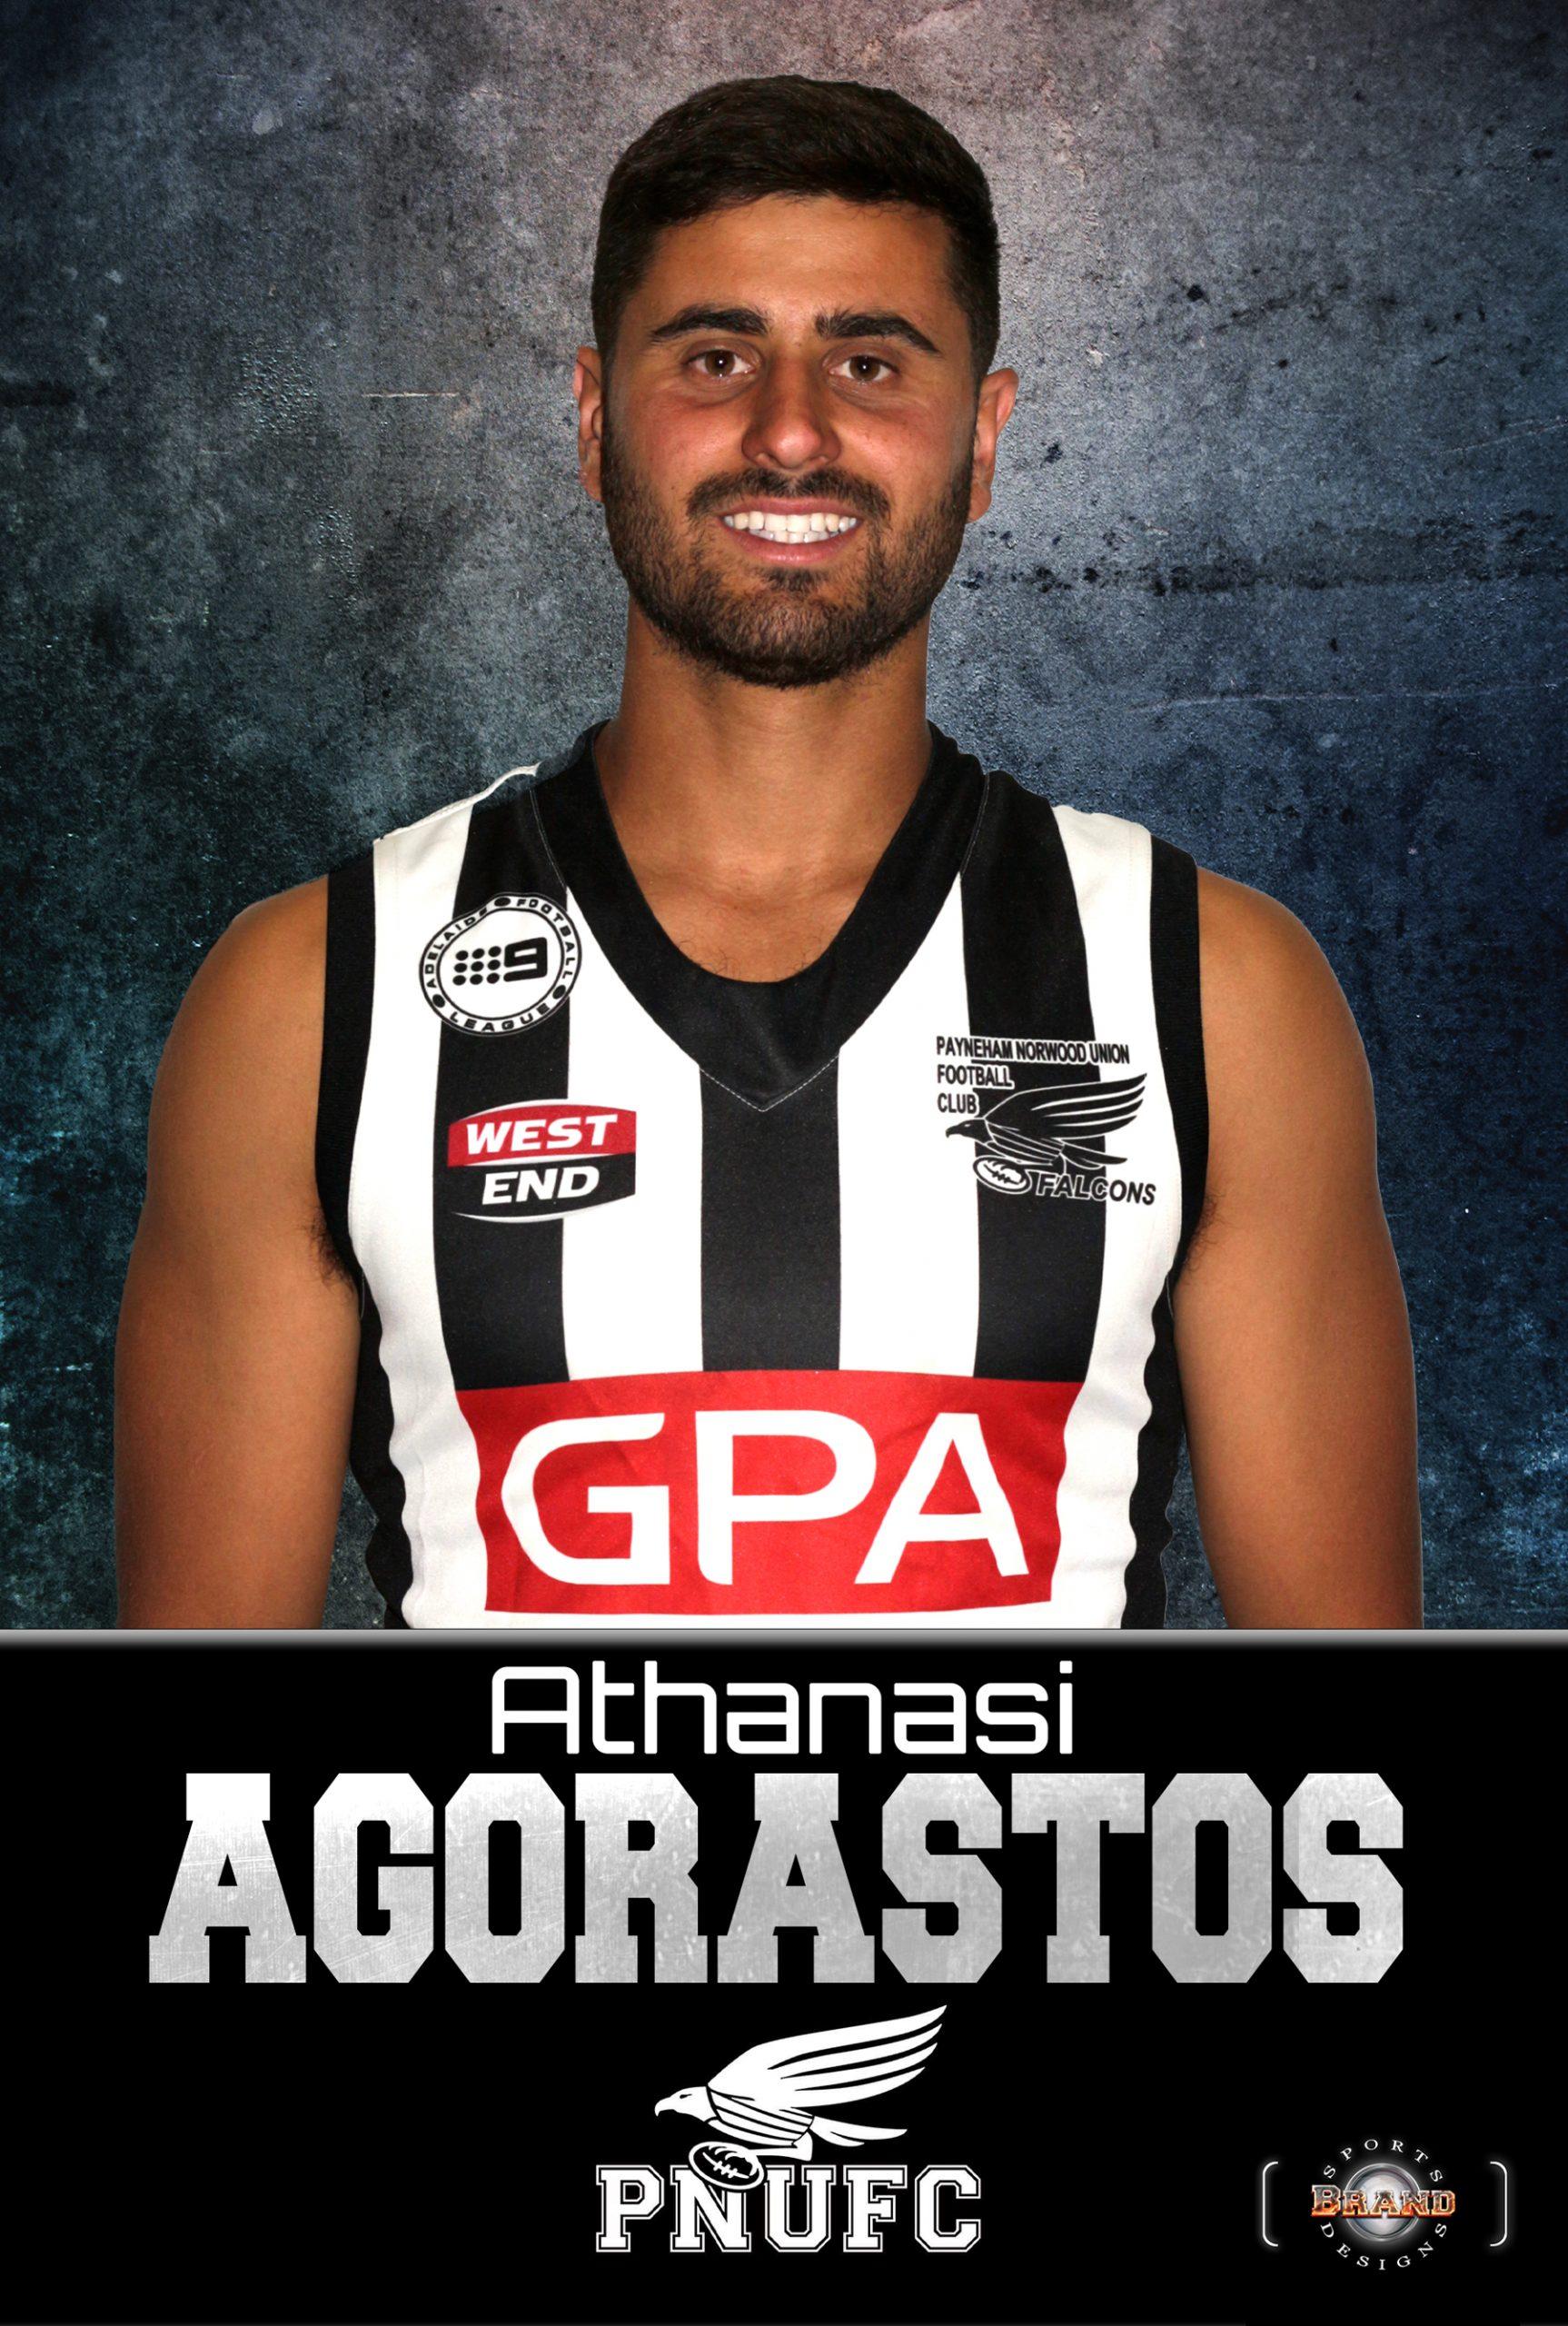 Athanasi Agorastos